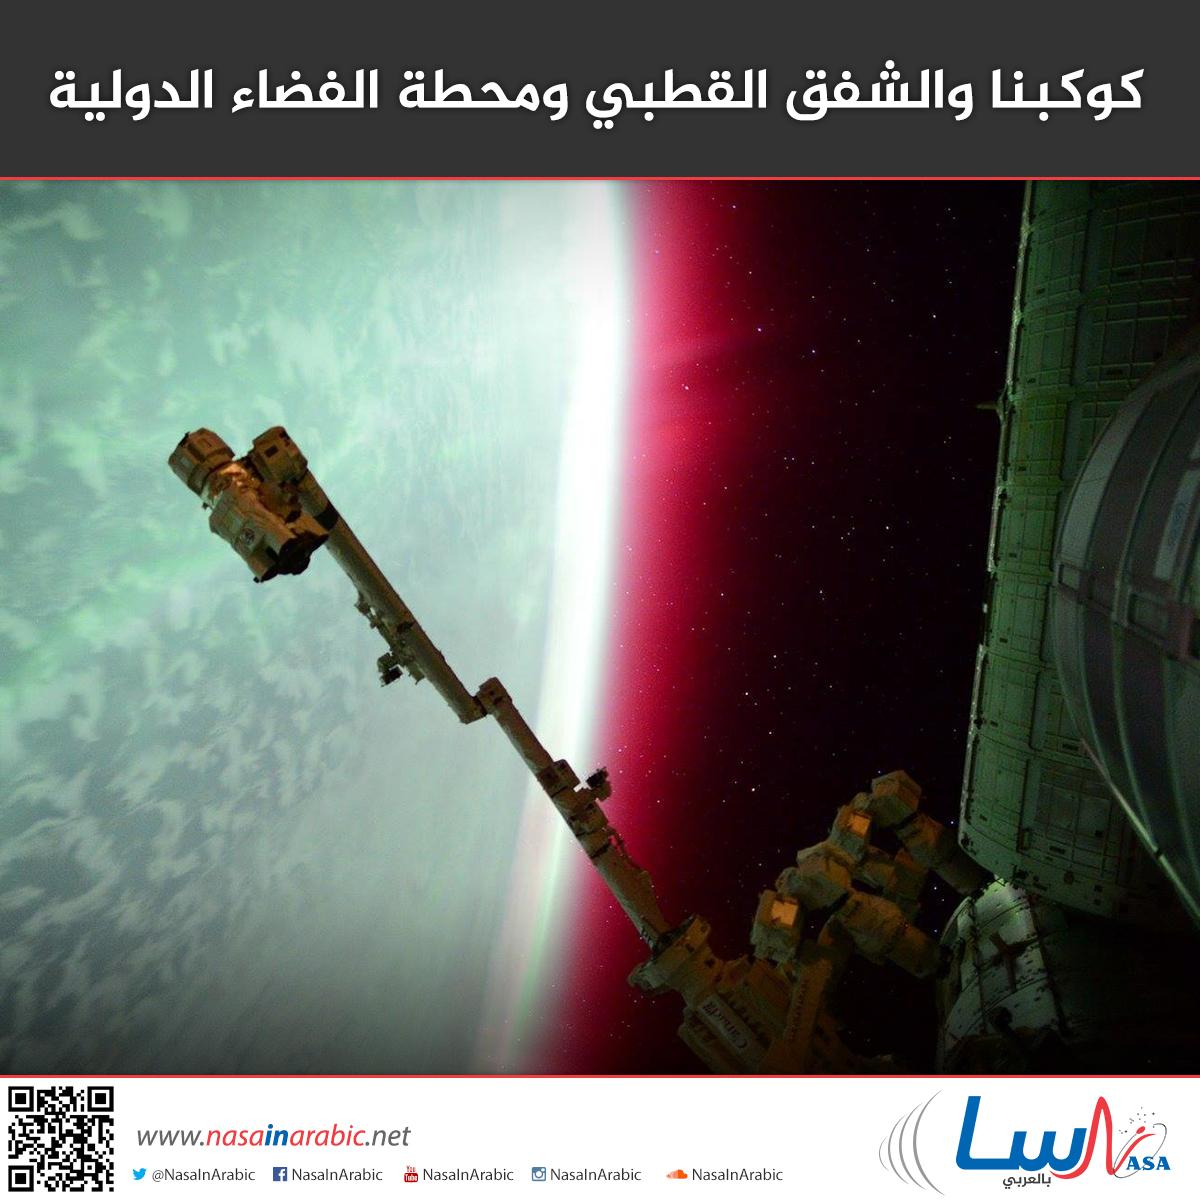 كوكبنا والشفق القطبي ومحطة الفضاء الدولية